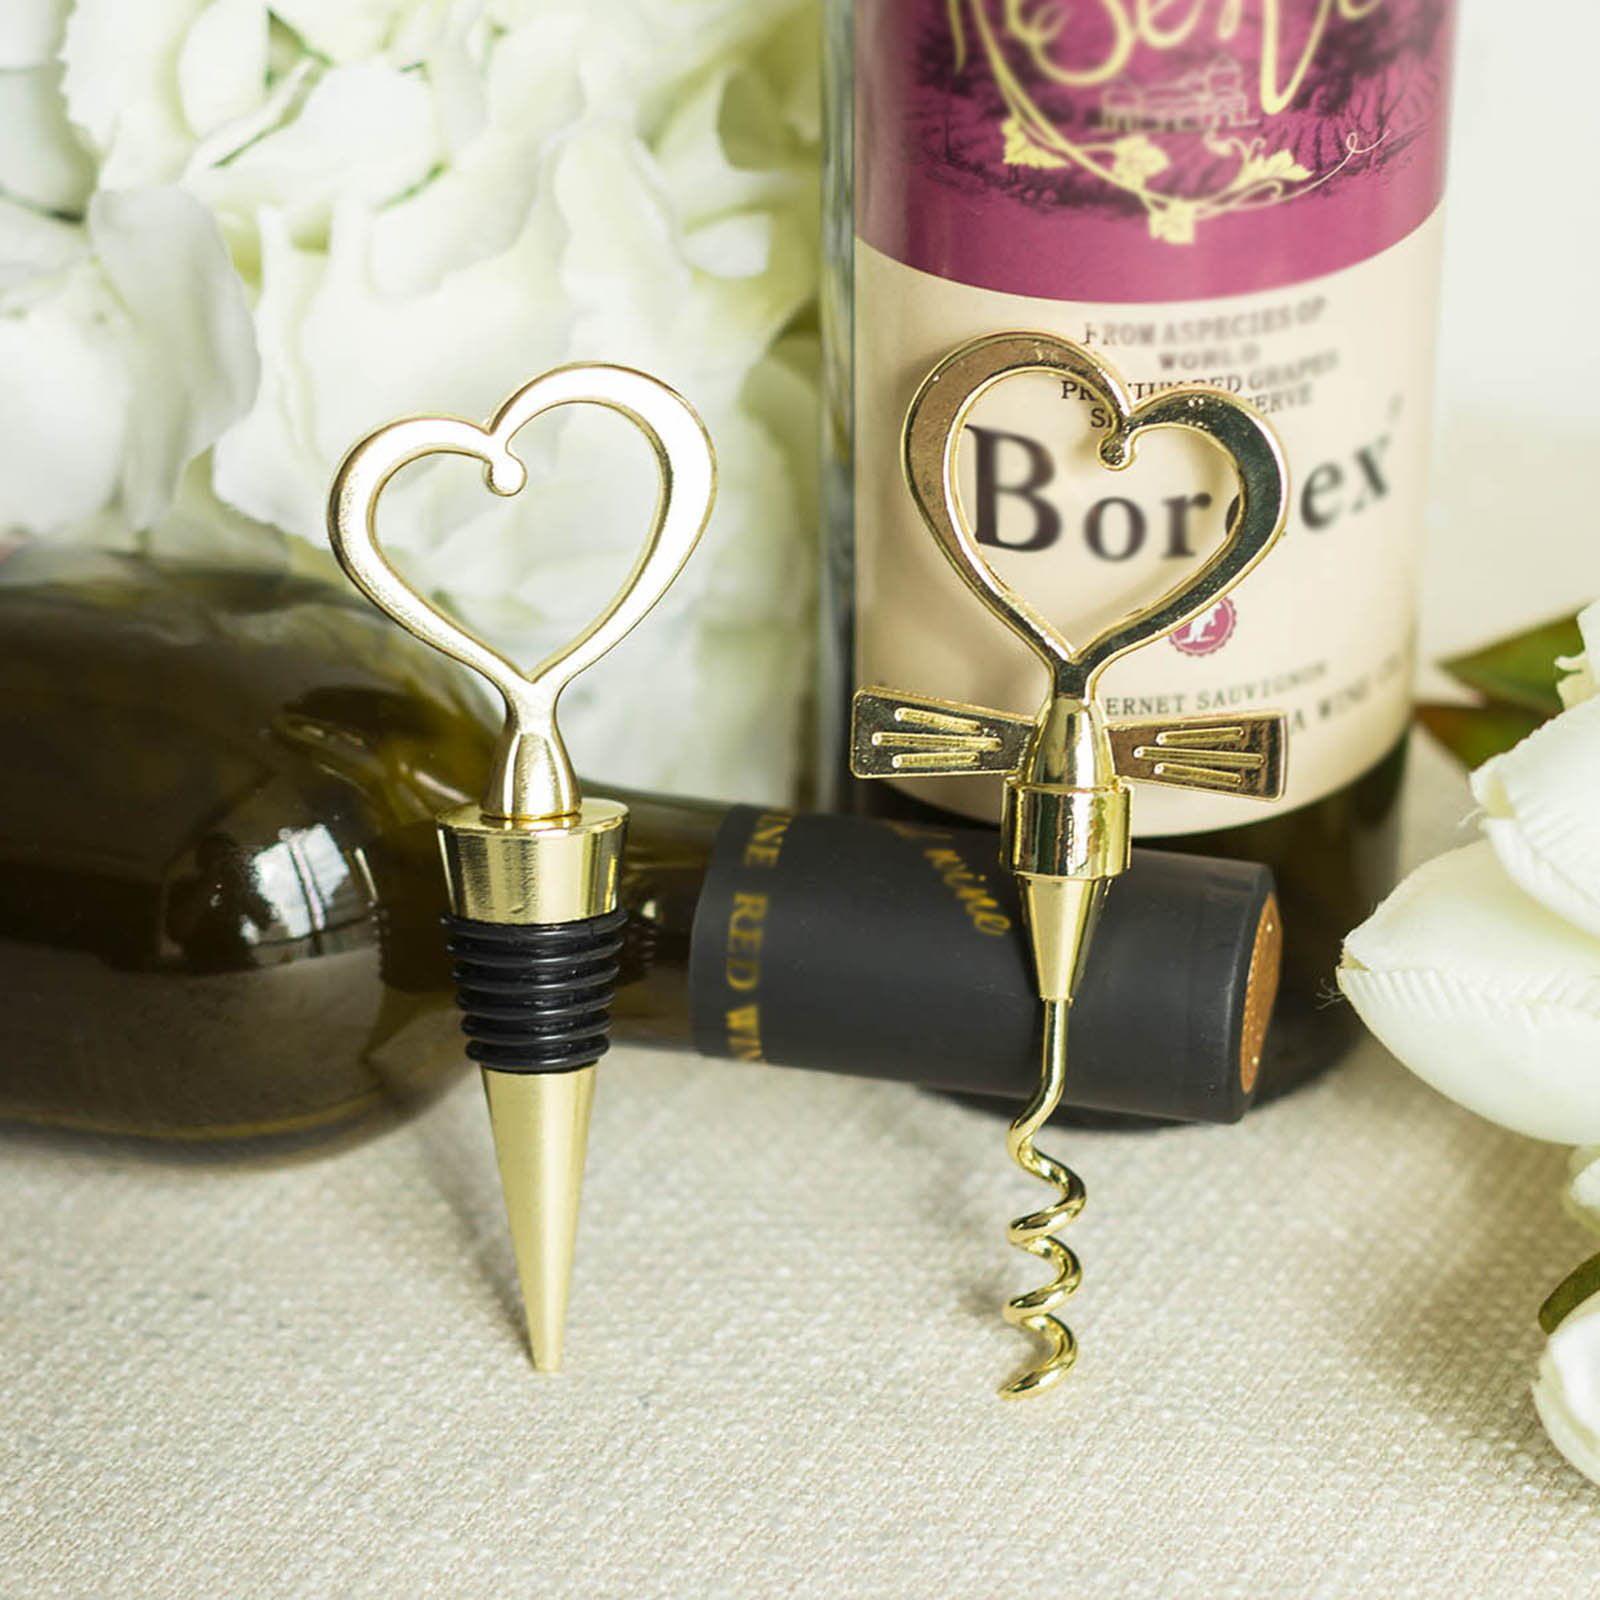 Heart Wine Bottle Stopper Favour